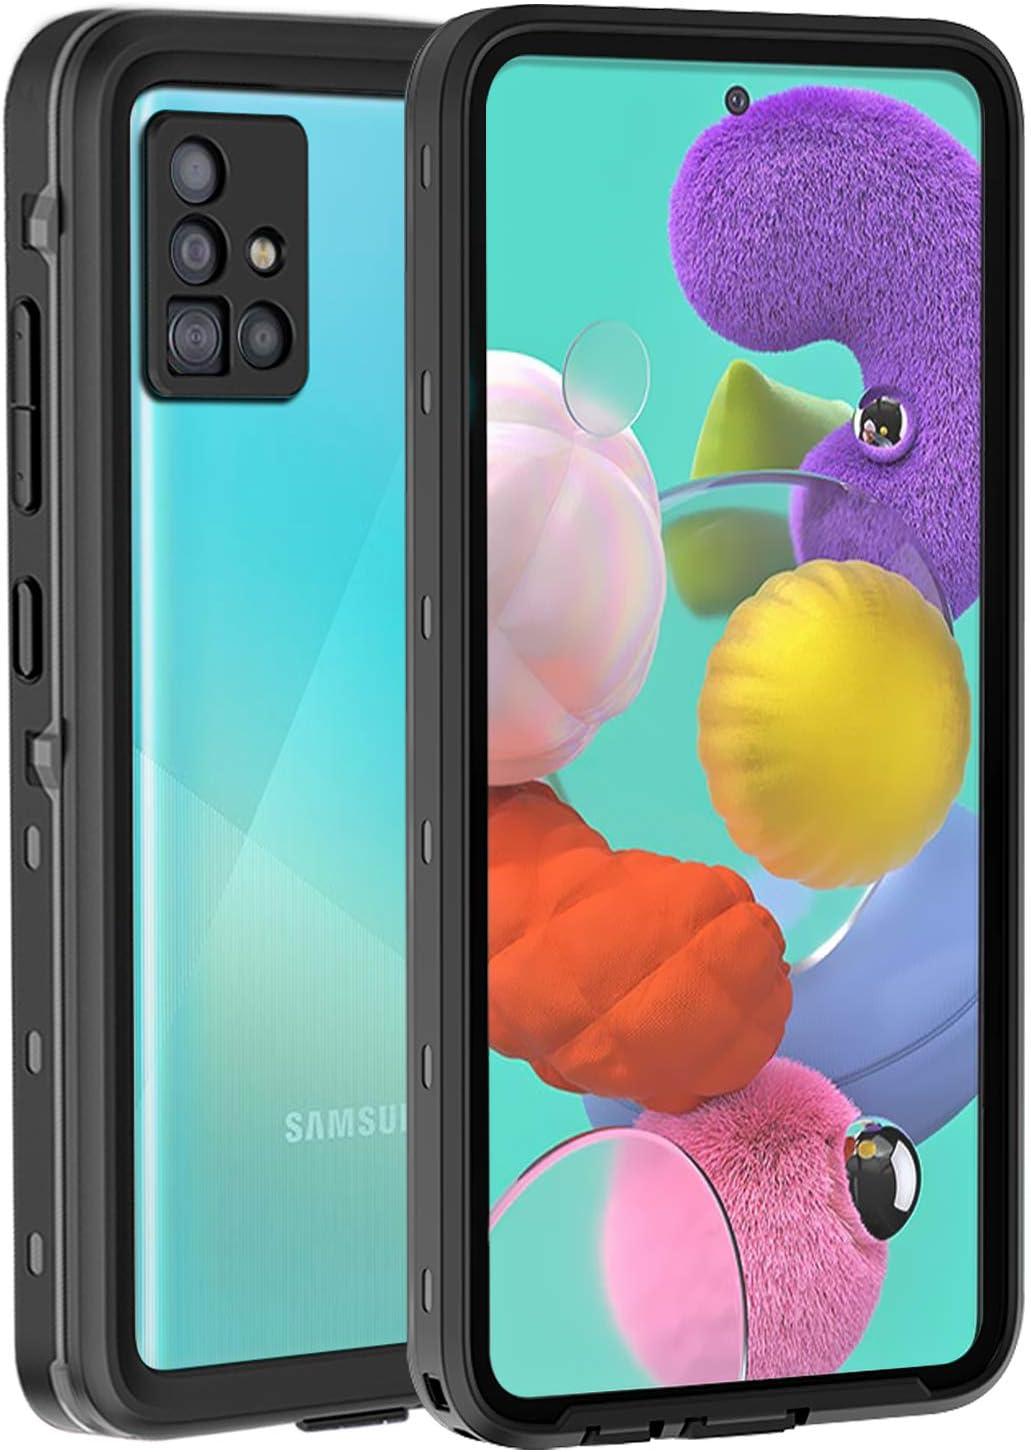 Lamcase Schutzhülle Für Galaxy A51 Wasserdicht Mit Elektronik